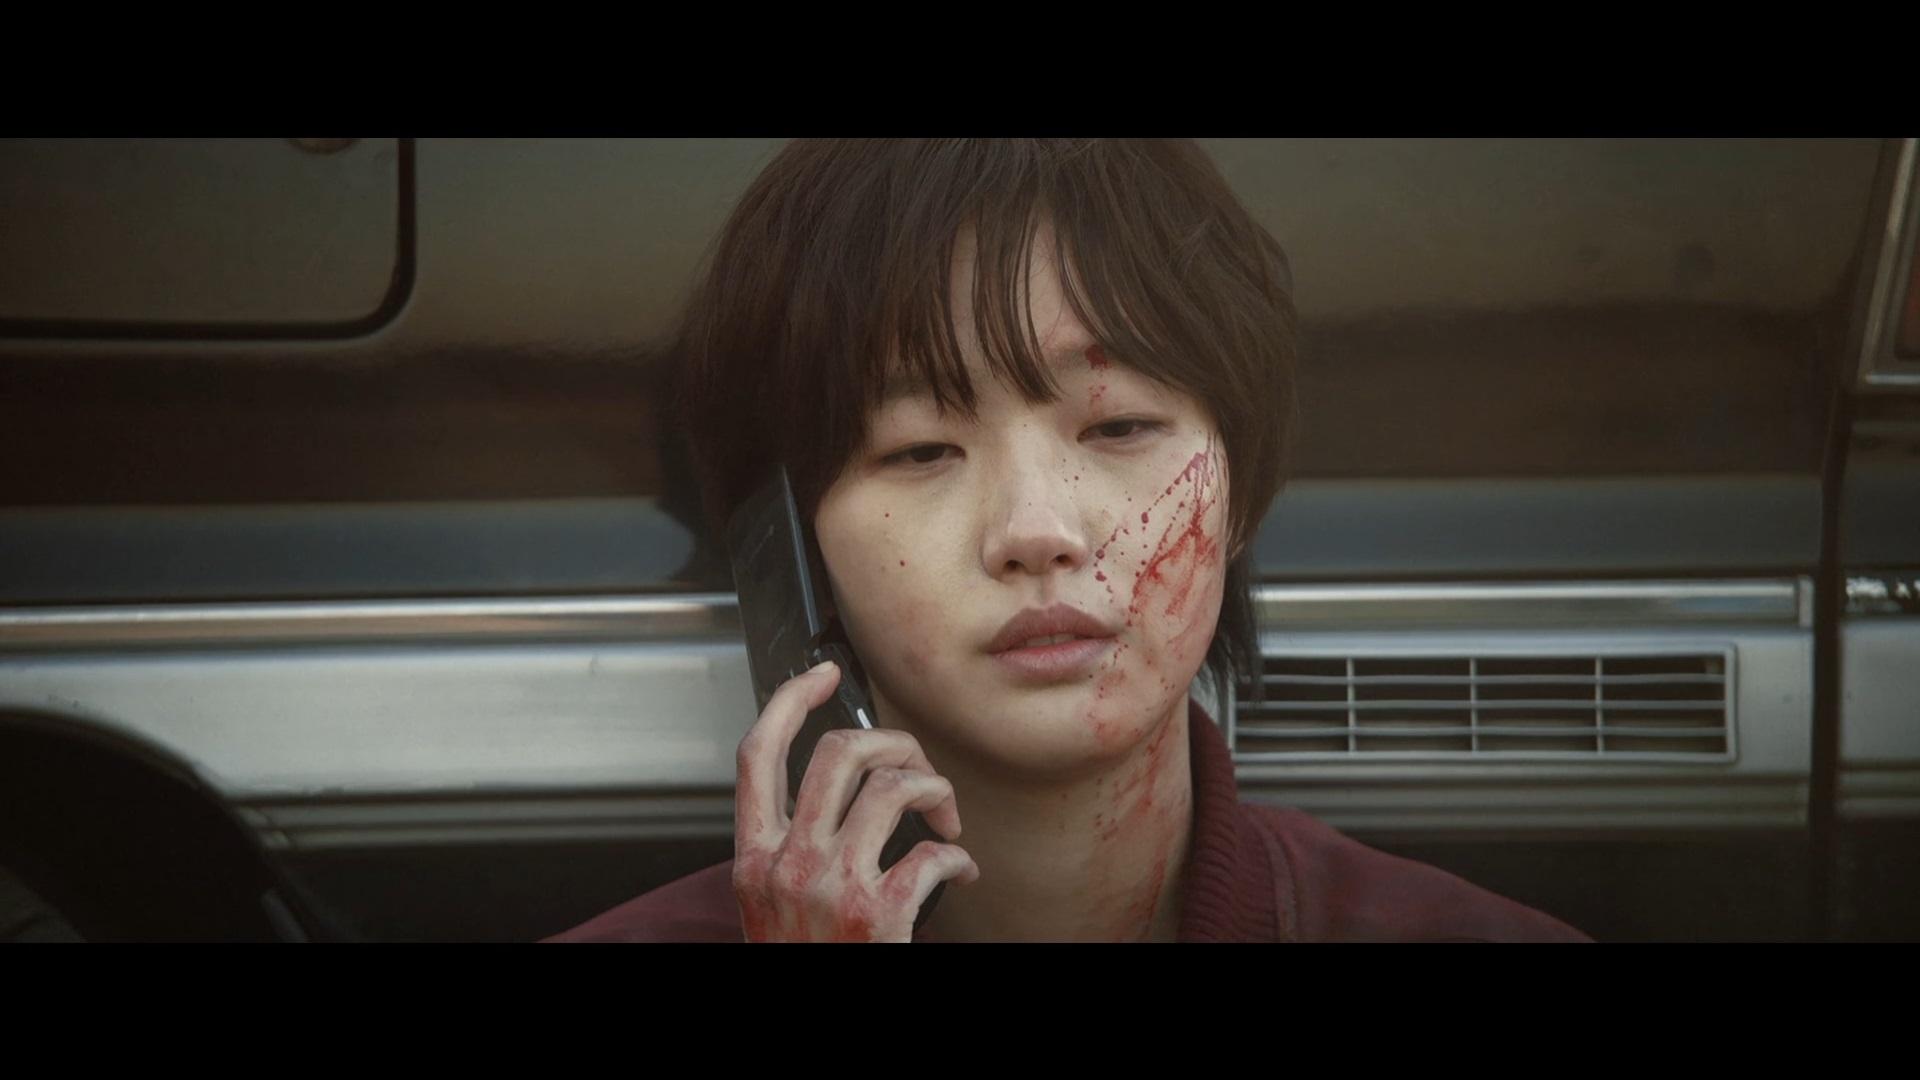 Coin Locker Girl Korean Film Review